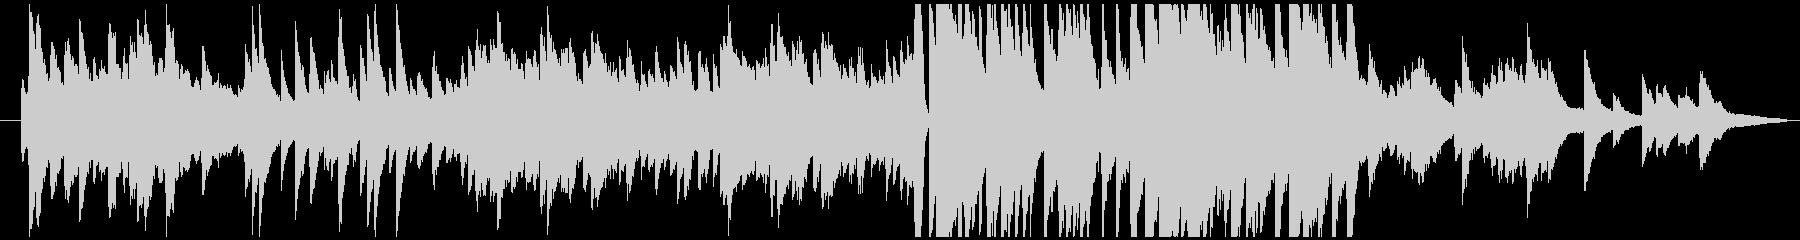 ピアノメインの温かな感動系BGMの未再生の波形